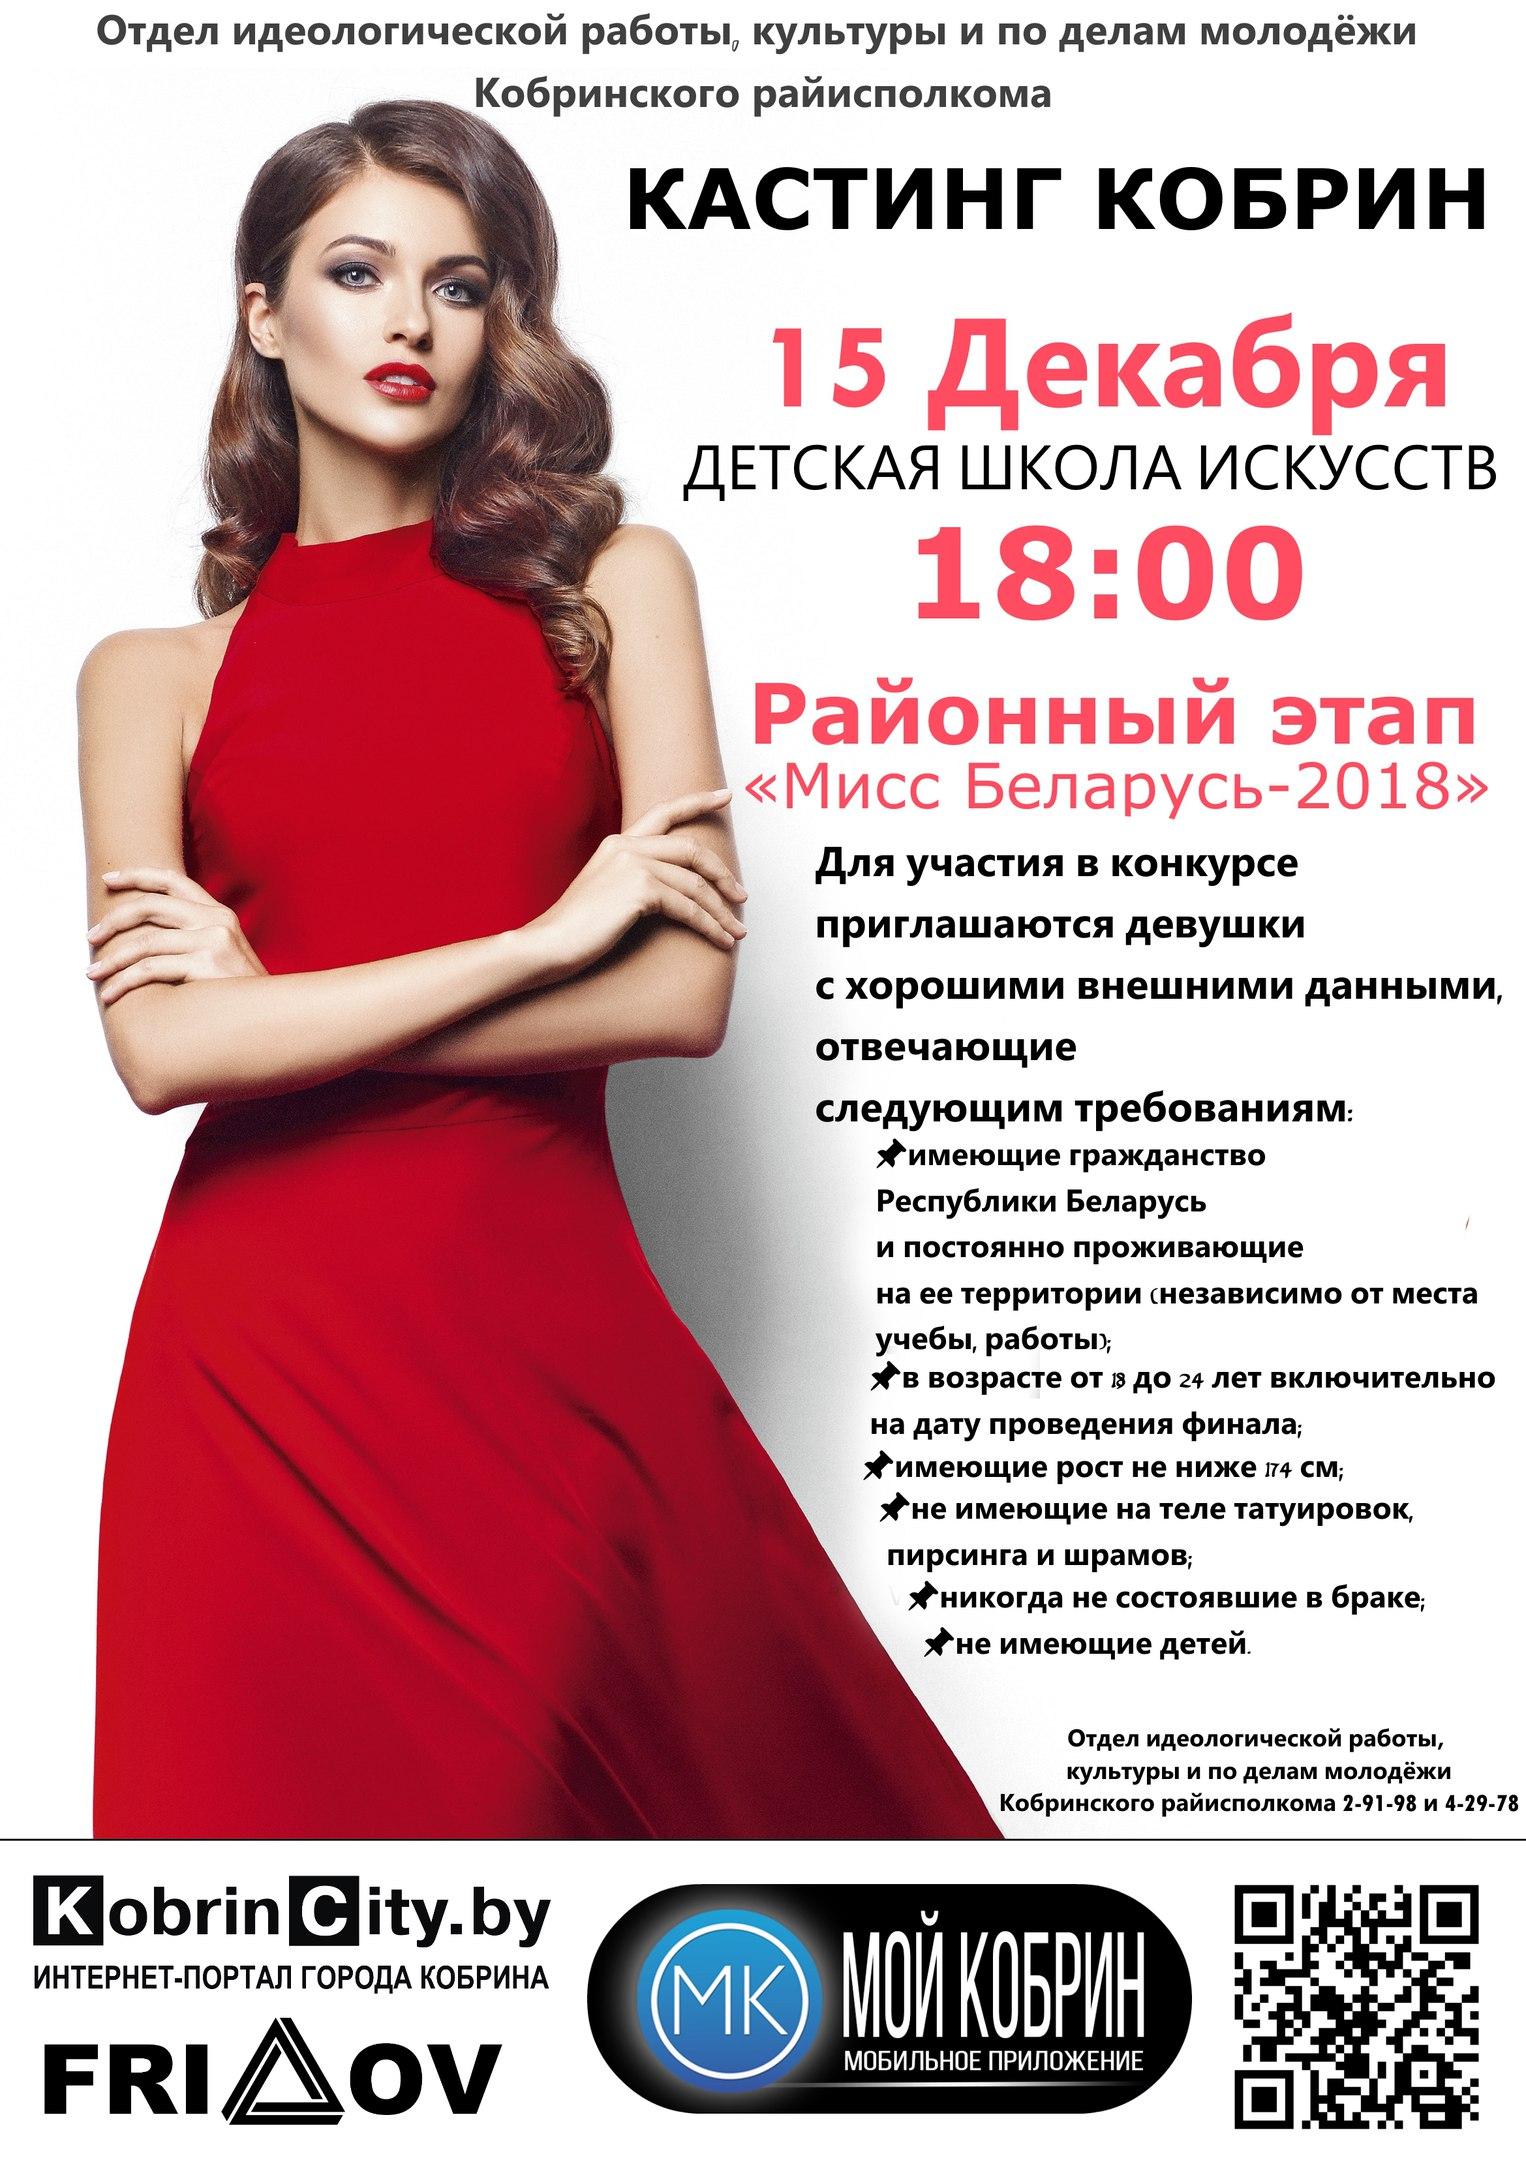 Мисс Беларусь 2018 в Кобрине